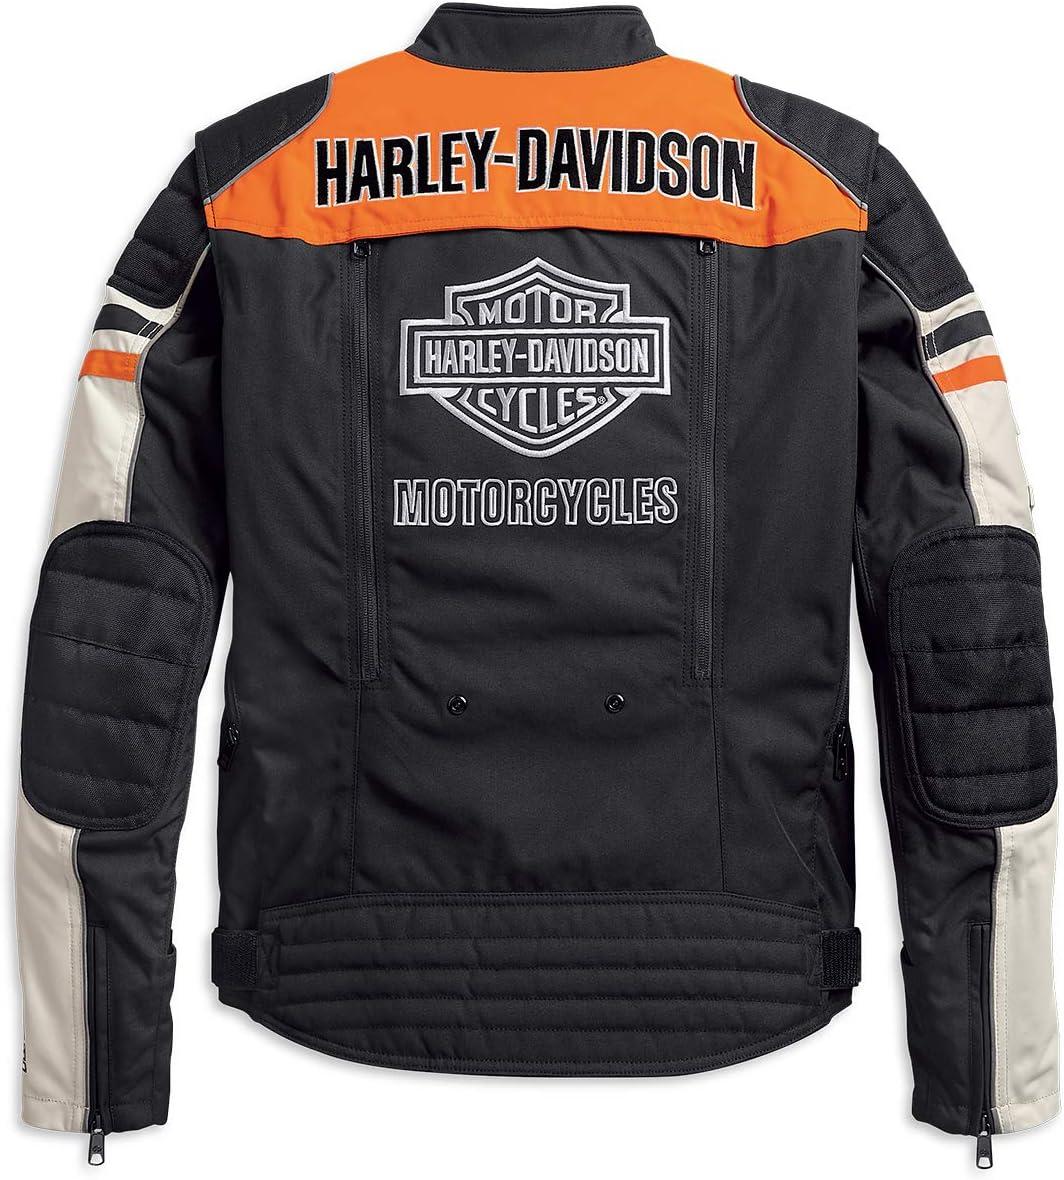 L HARLEY-DAVIDSON Metonga Switchback Lite Riding Jacke 98393-19EM